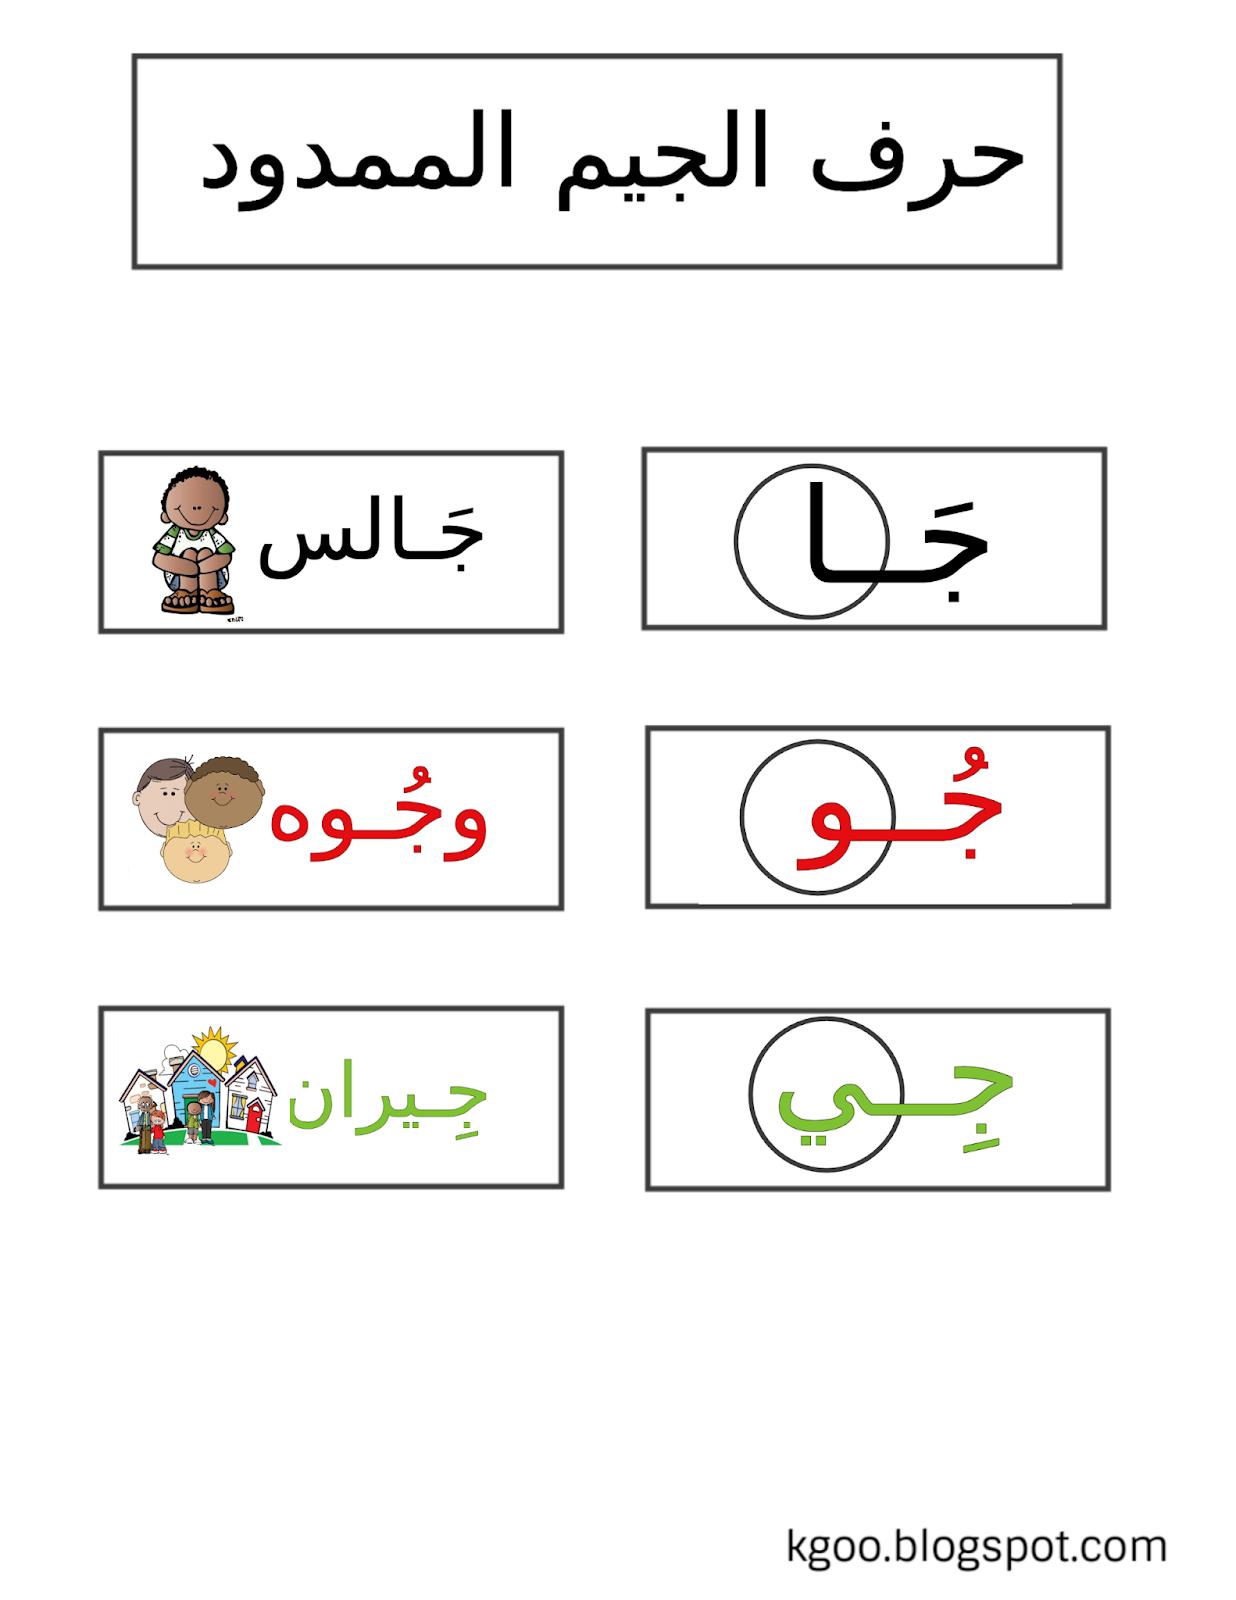 حرف الجيم للاطفال مع اوراق 15